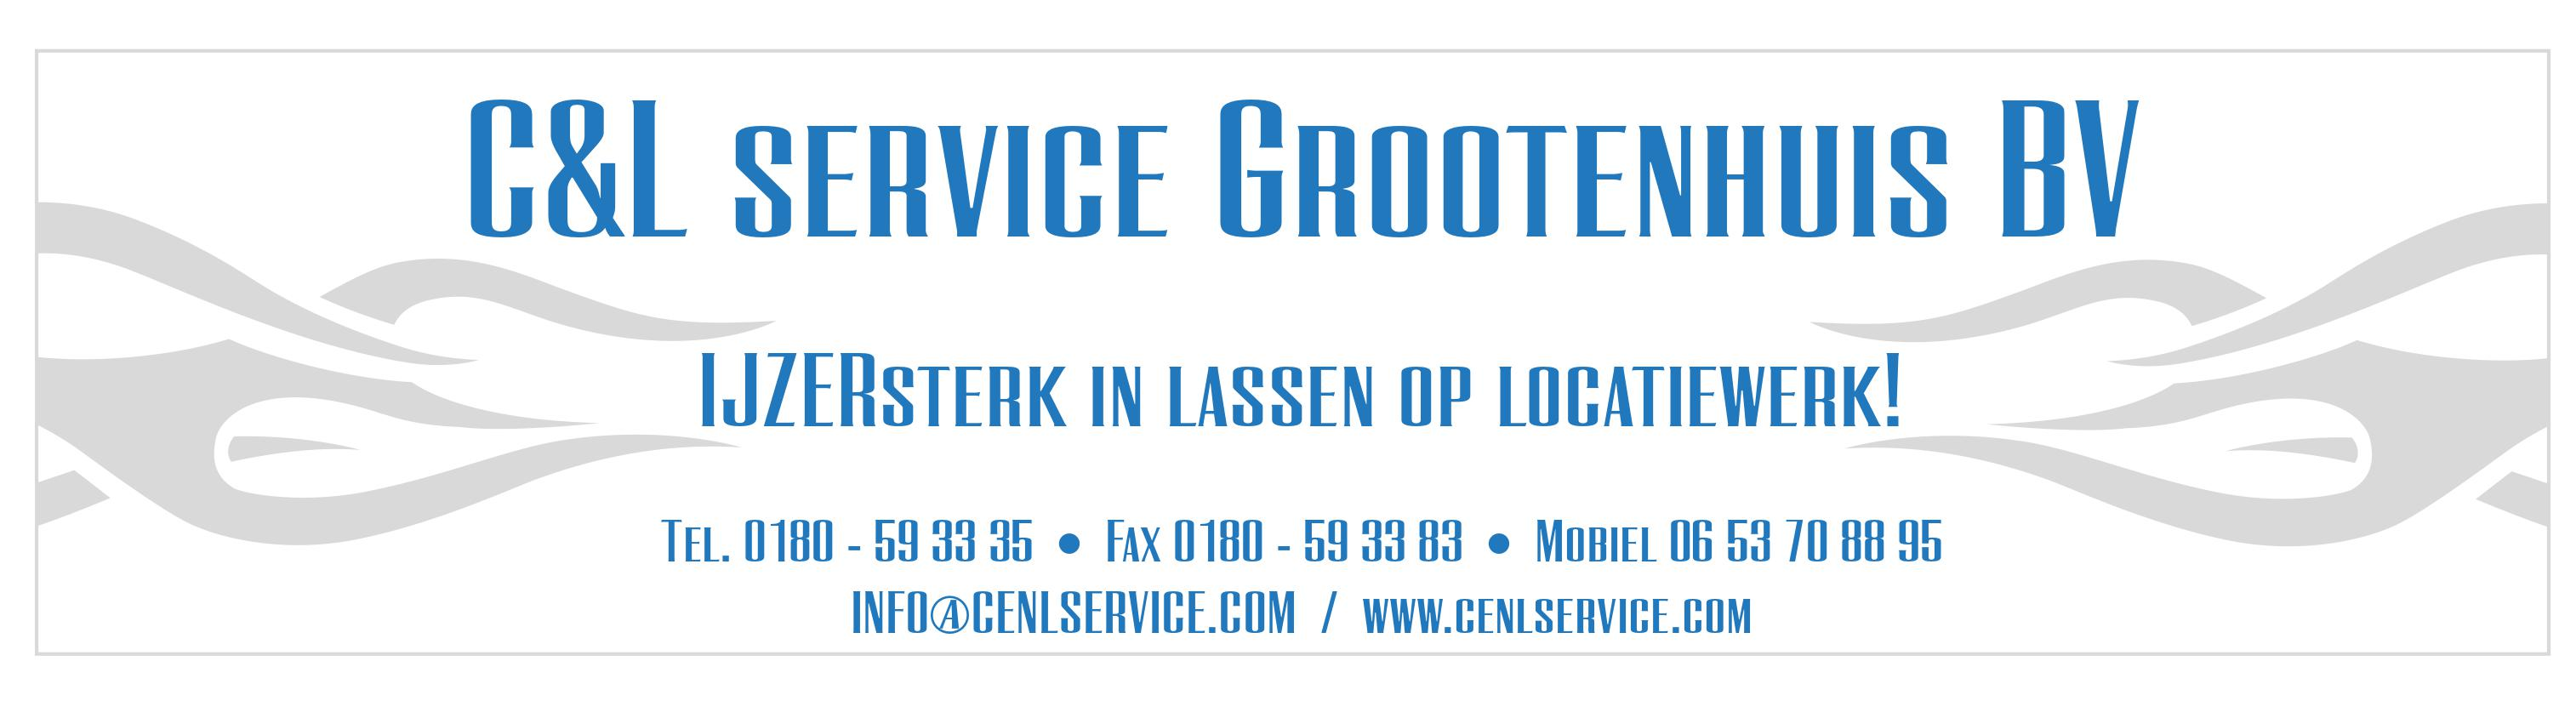 C & L service Grootenhuis BV